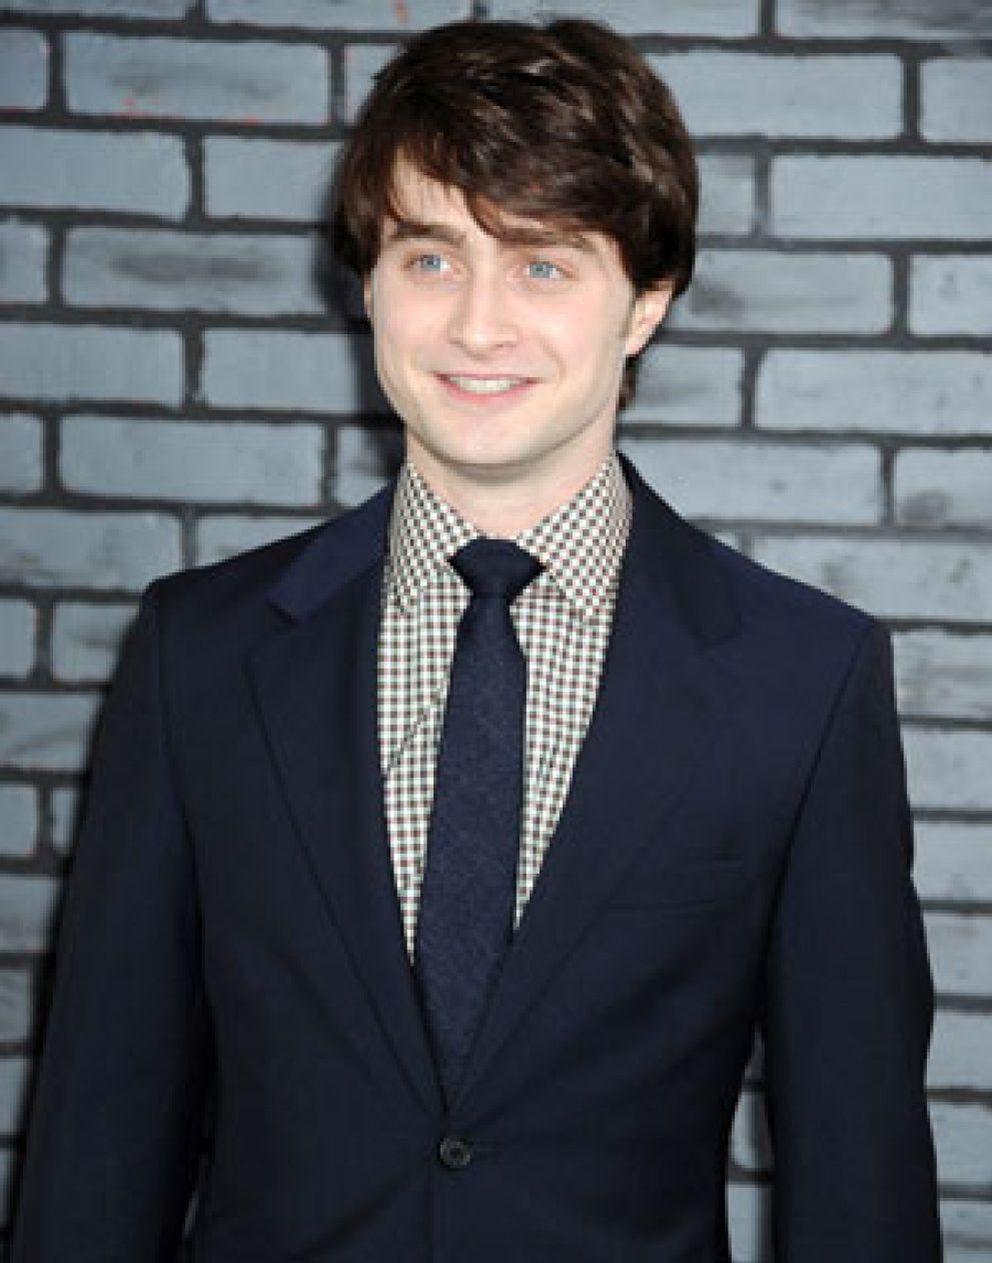 Foto: Daniel Radcliffe, premiado por su apoyo a los homosexuales estadounidenses